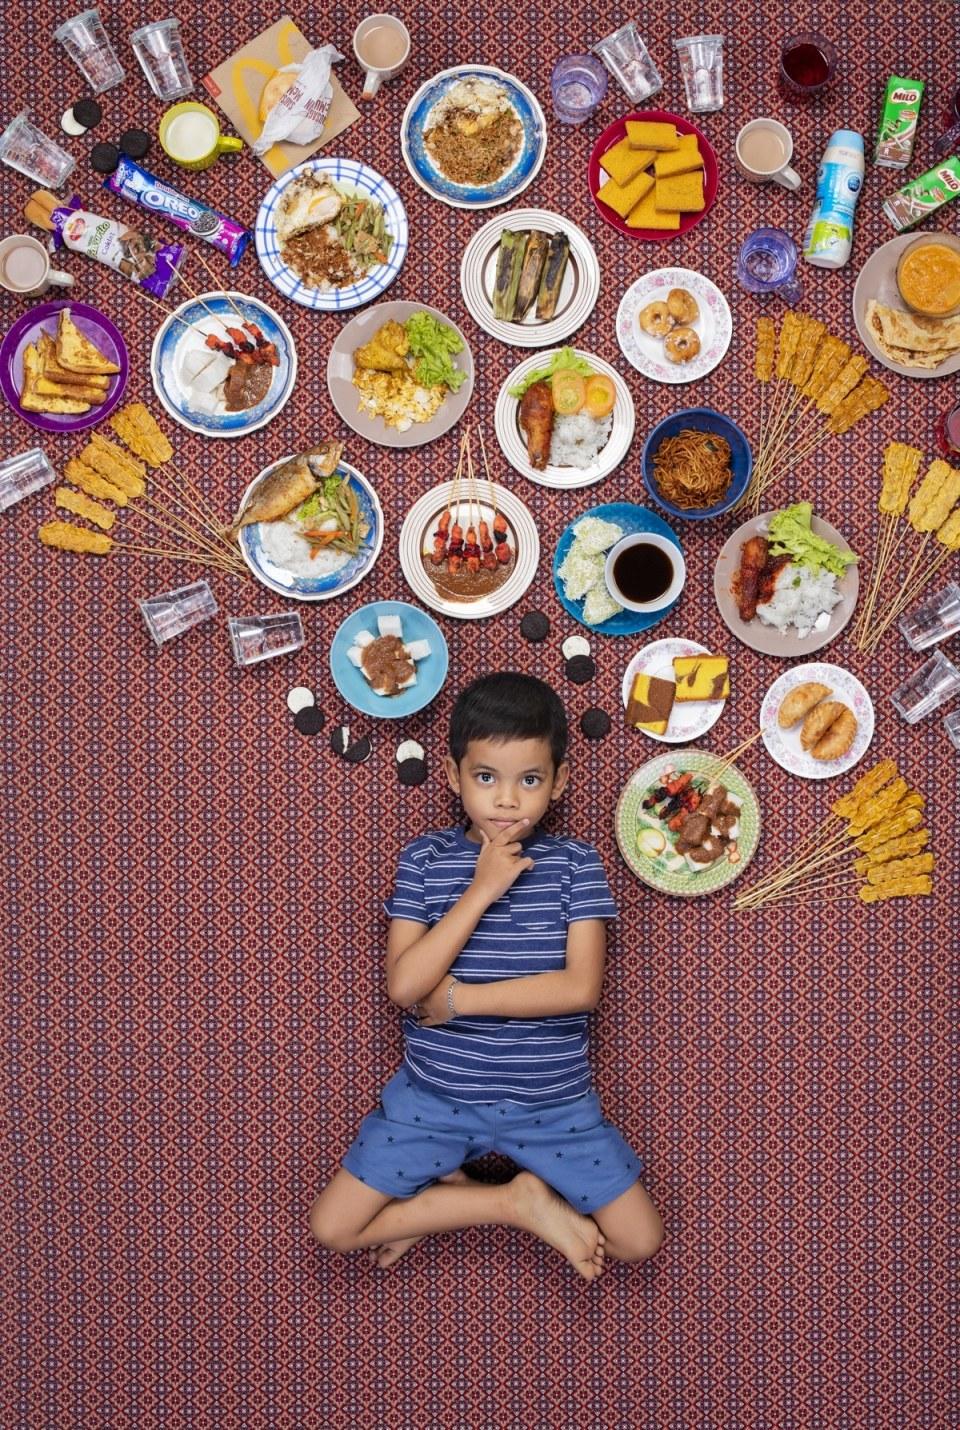 What kids eat around the world?